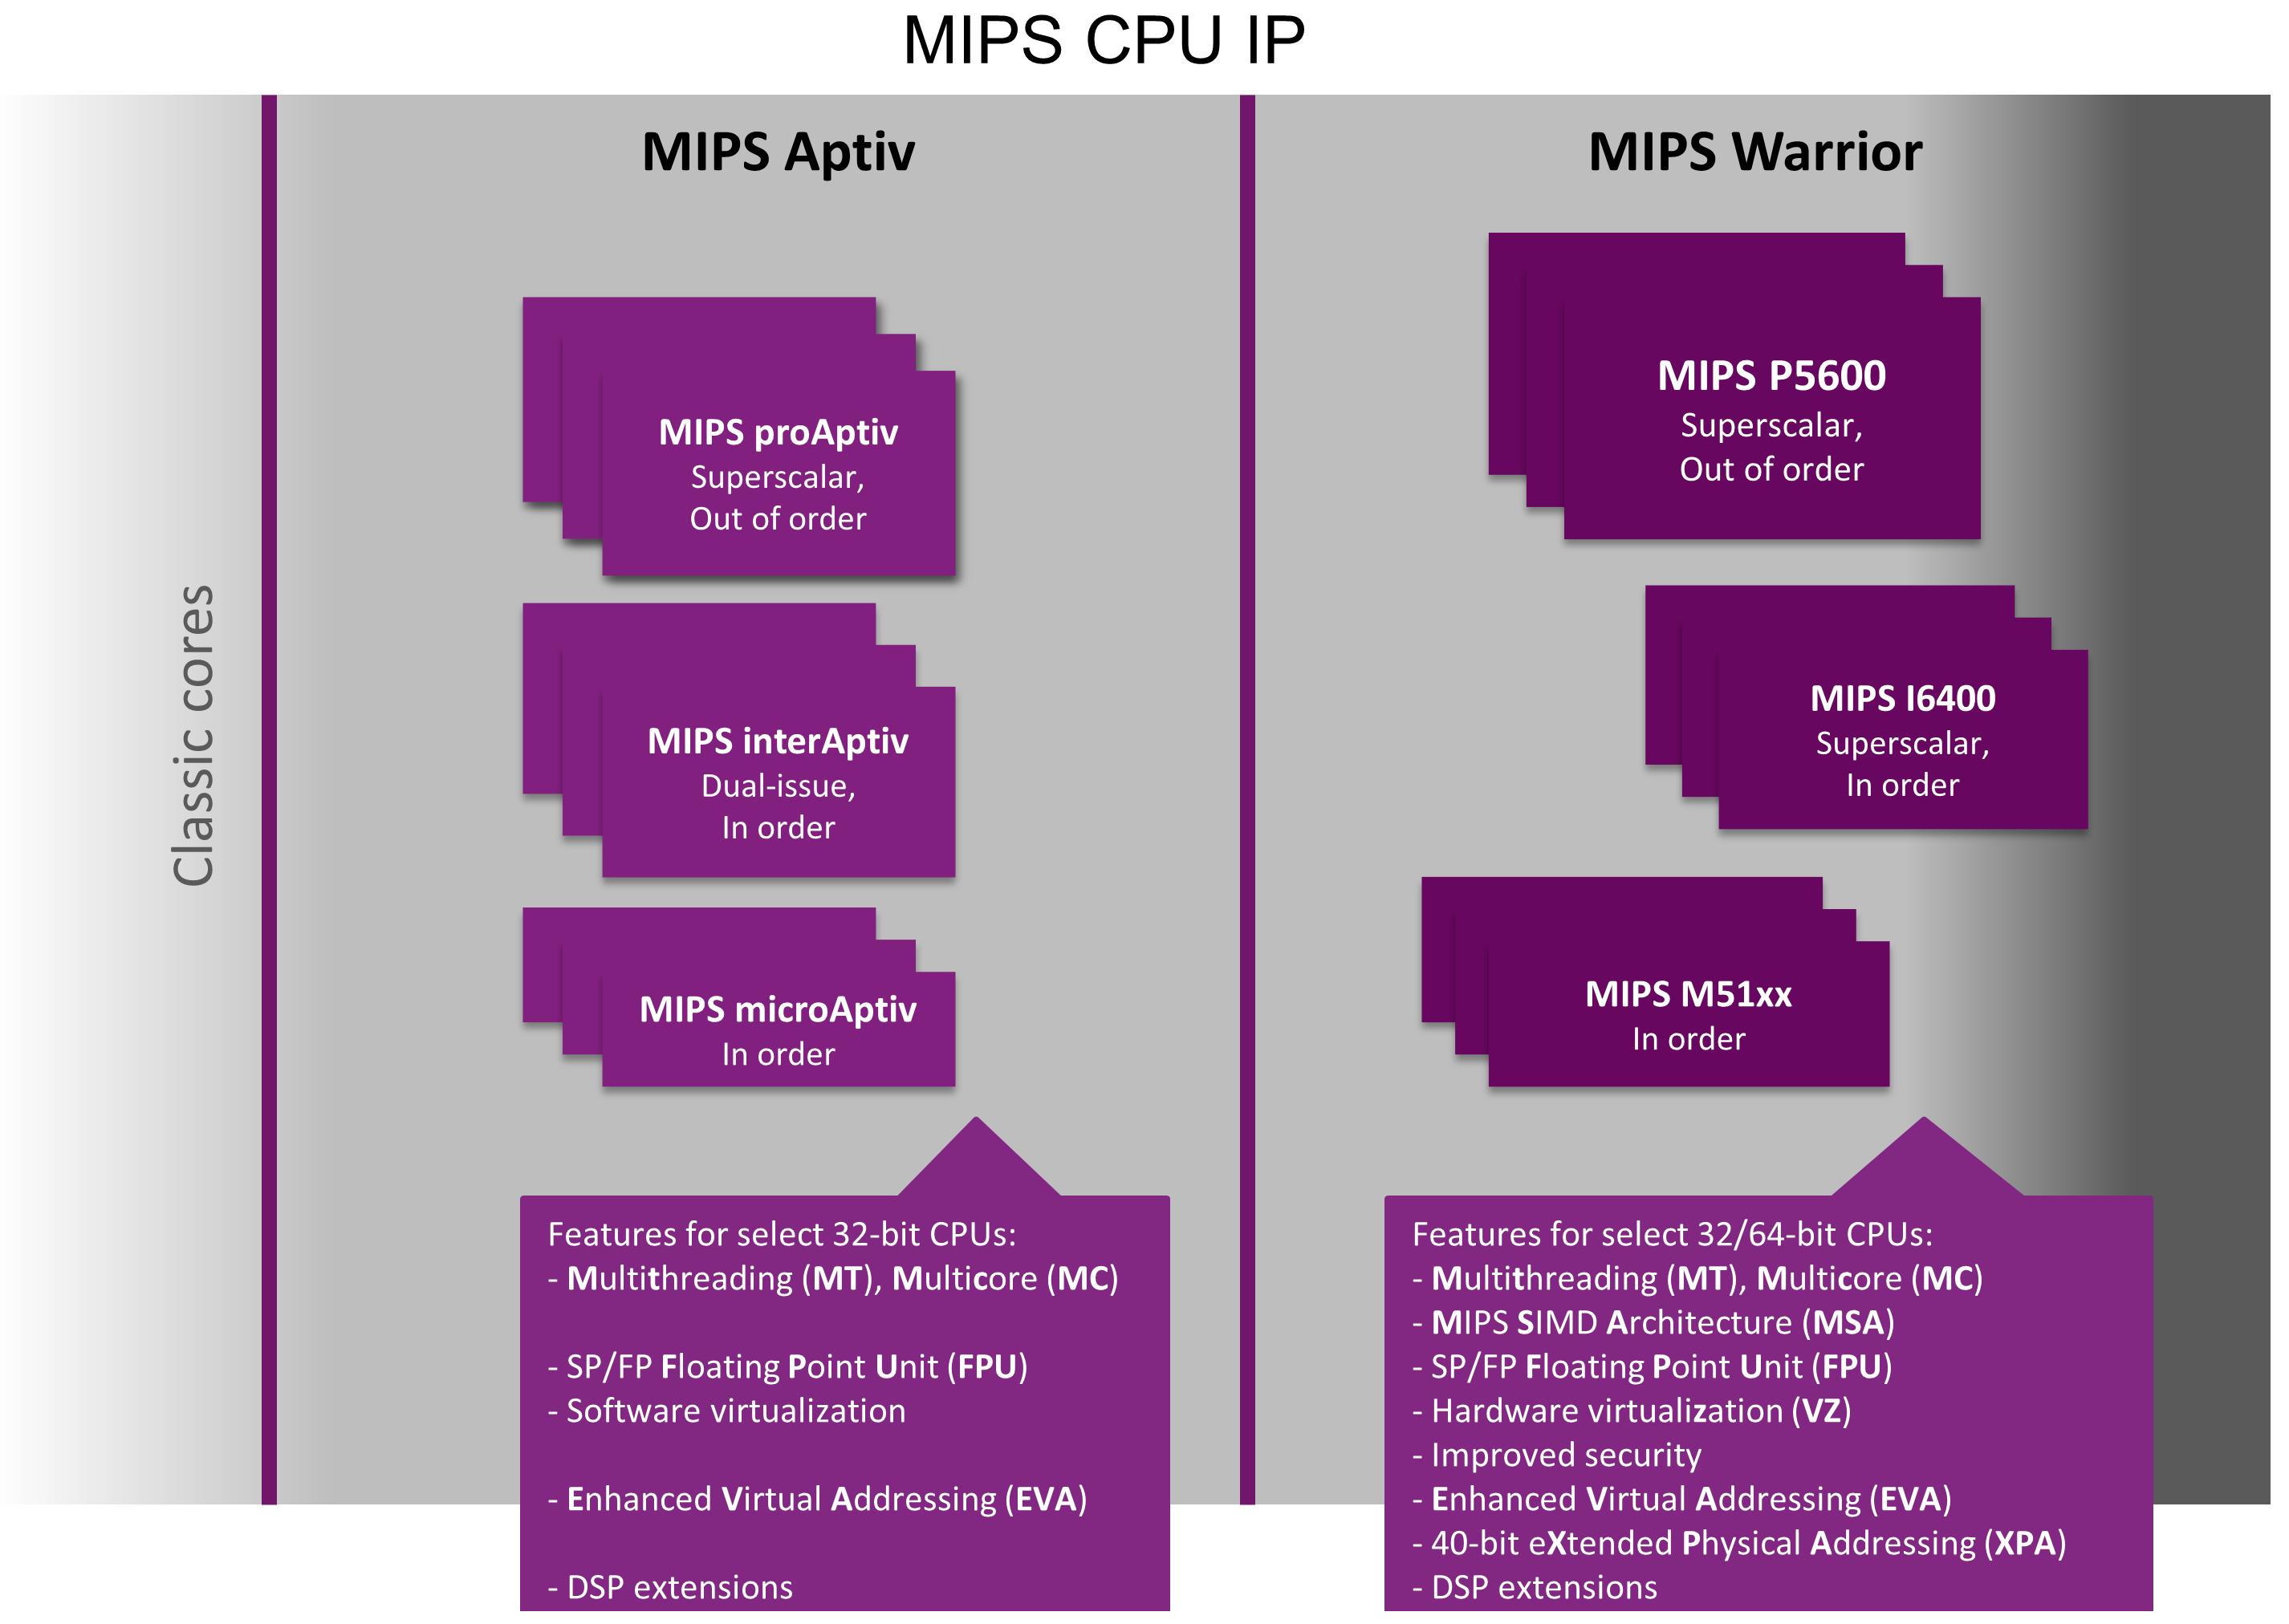 MIPS Warrior roadmap